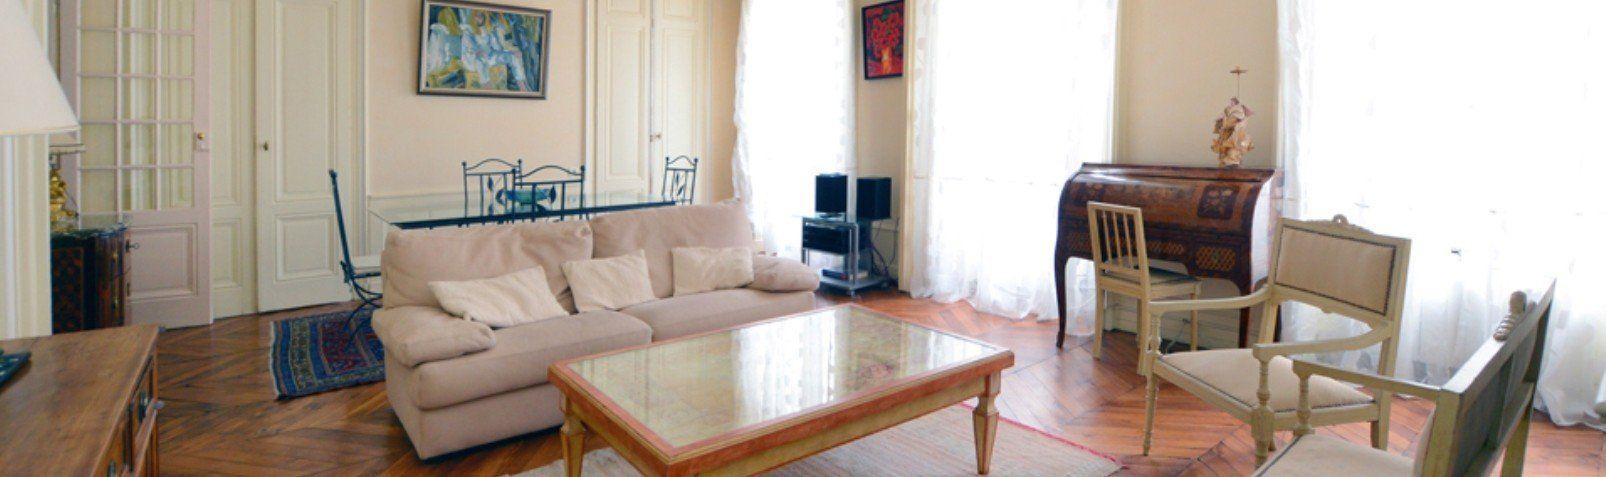 Location appartement meubl avec 2 chambres location moyenne ou longue dur e lyon 2 - Location studio meuble lyon 2 ...